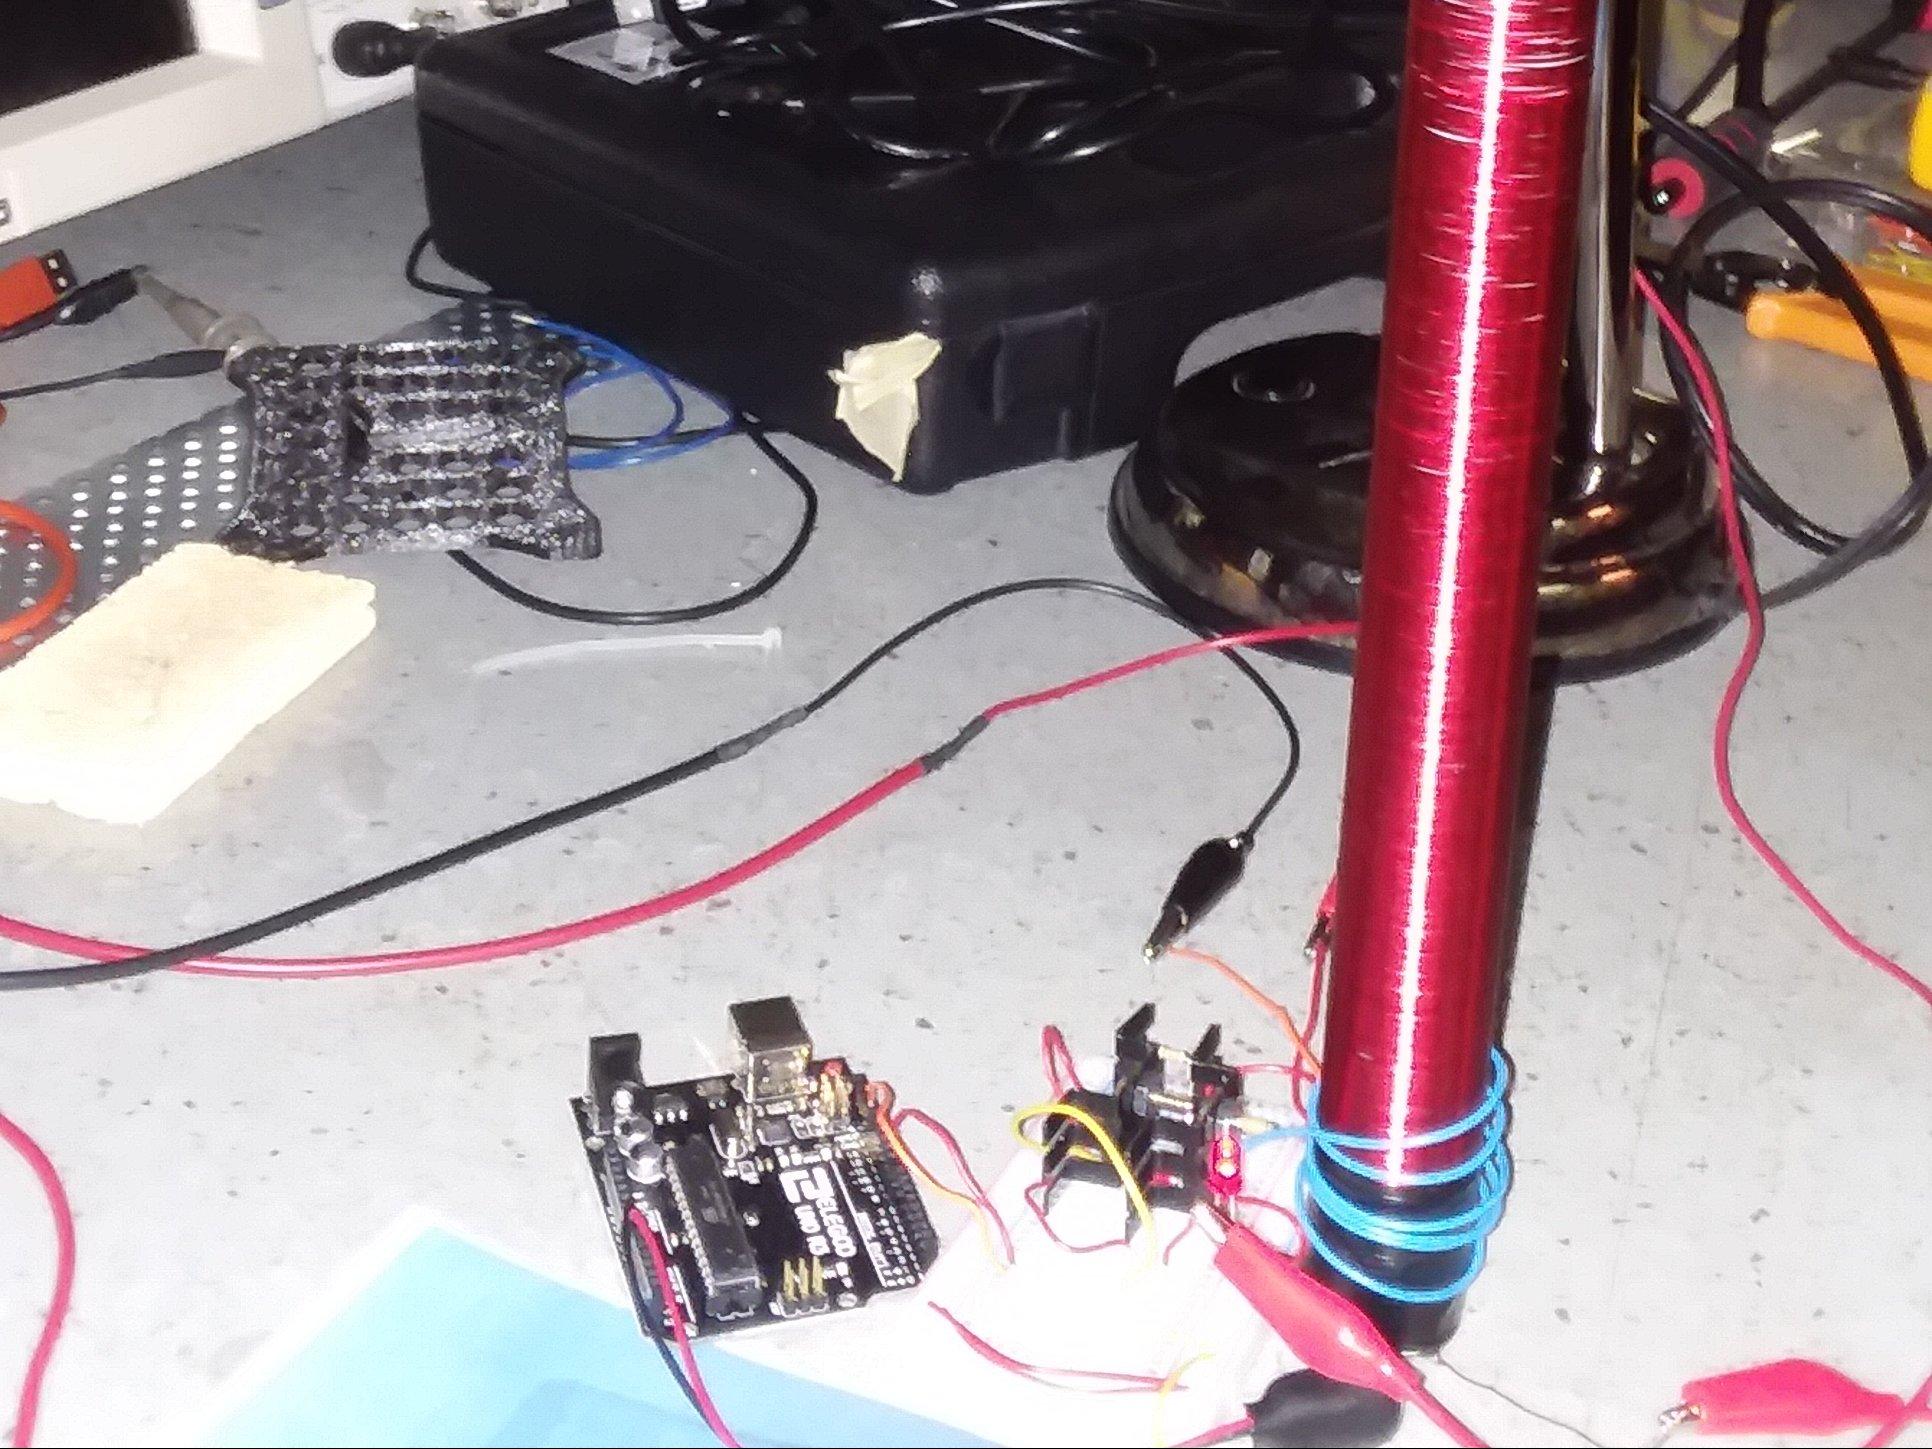 tesla coil wiring dff2n60 trusted wiring diagram tesla motor schematic tesla coil wiring wiring diagram schematics [ 1932 x 1449 Pixel ]